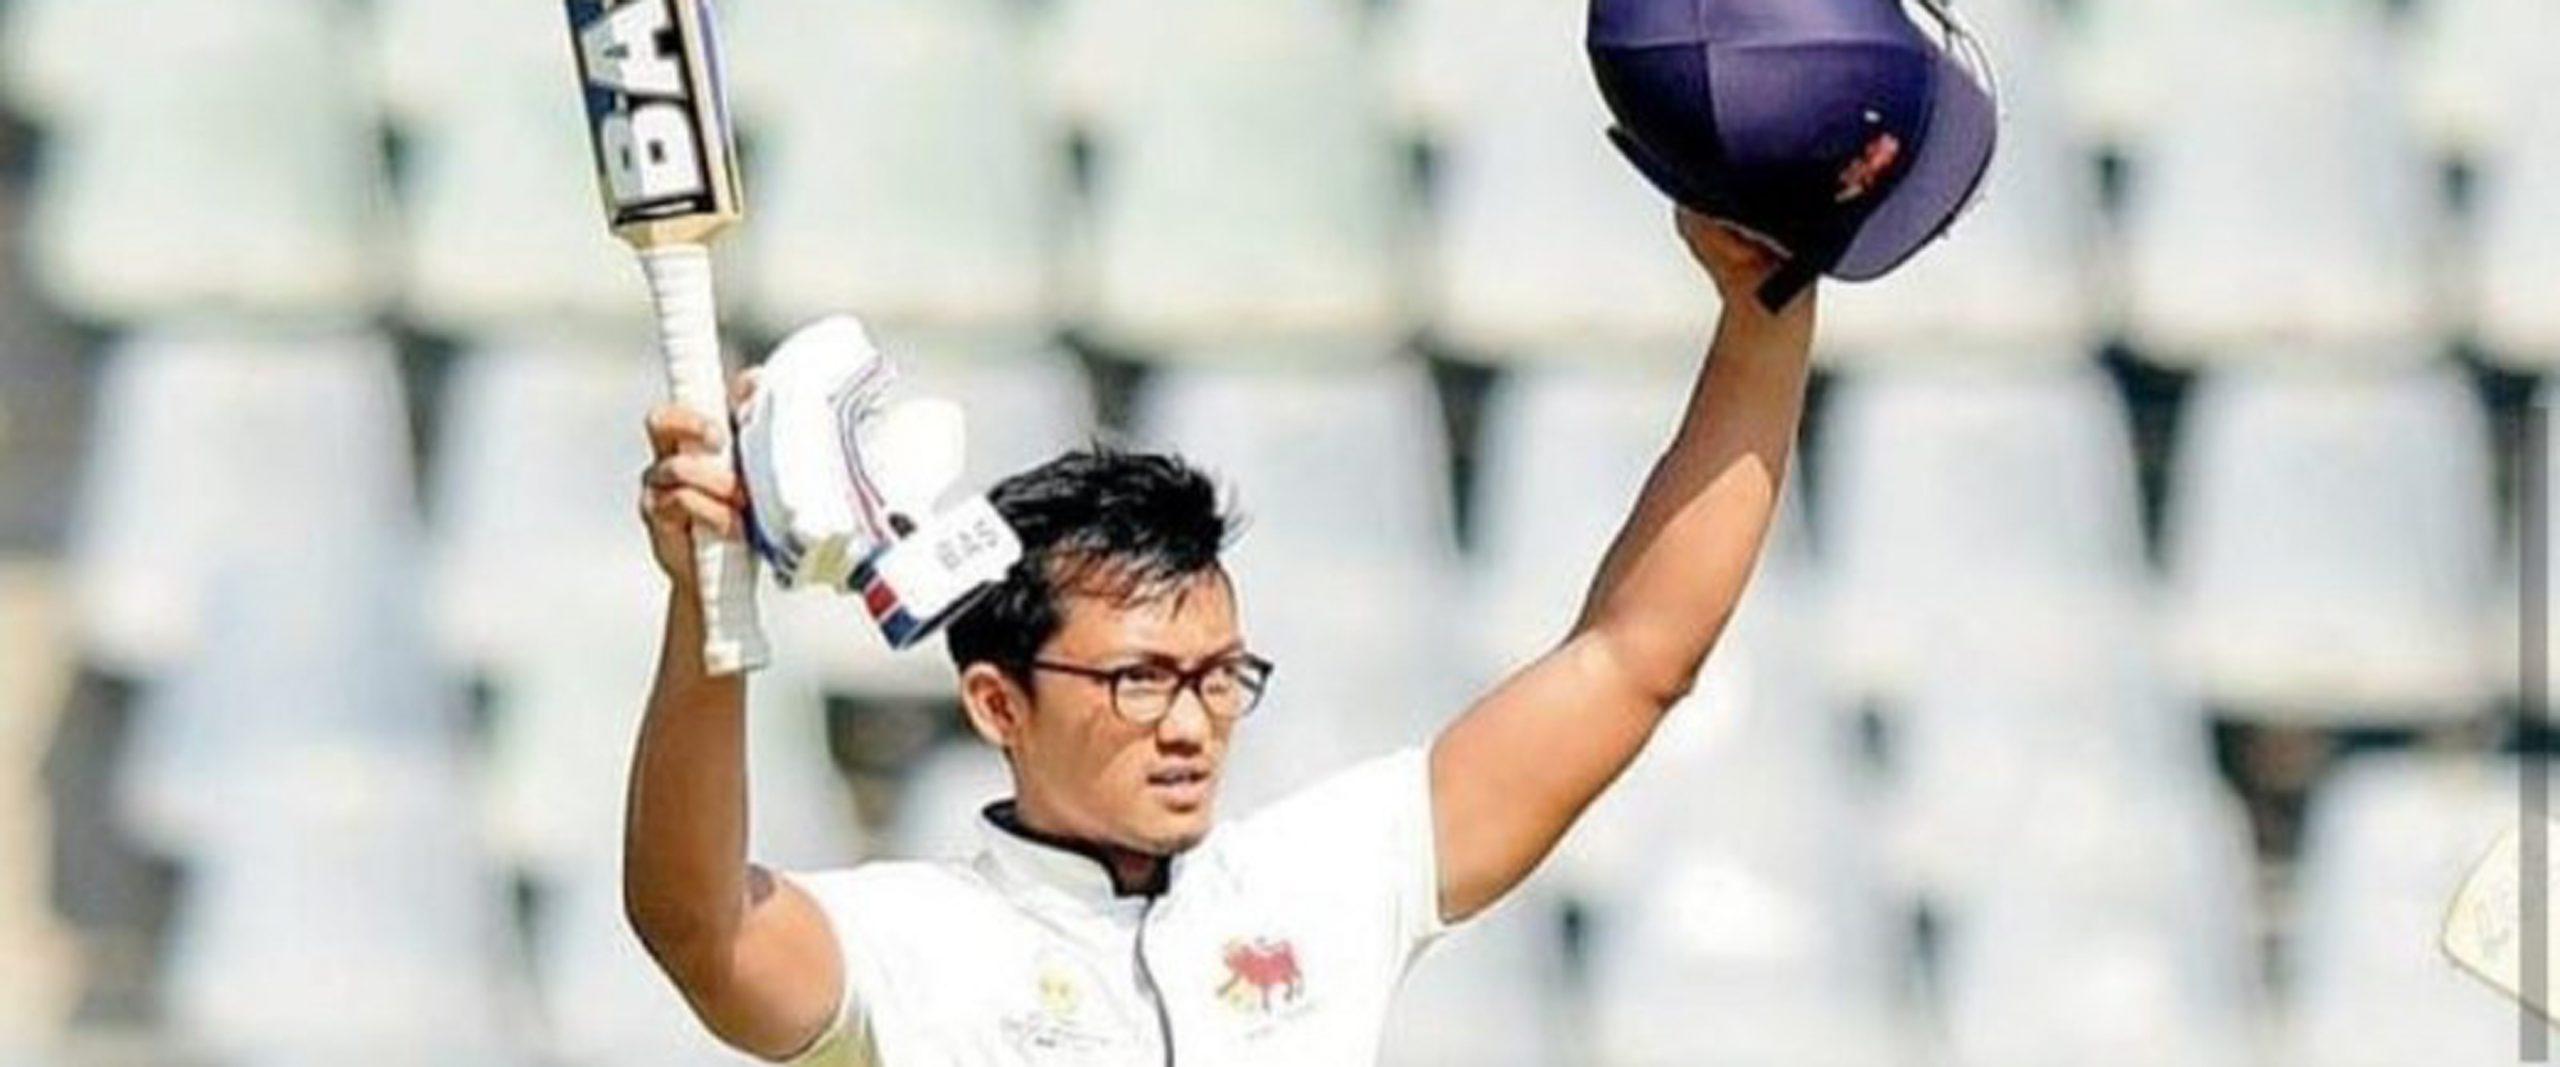 नेपाली मुलका क्रिकेटर जय विष्ट : भारतमा १४१ रनको धमाकेदार पारी